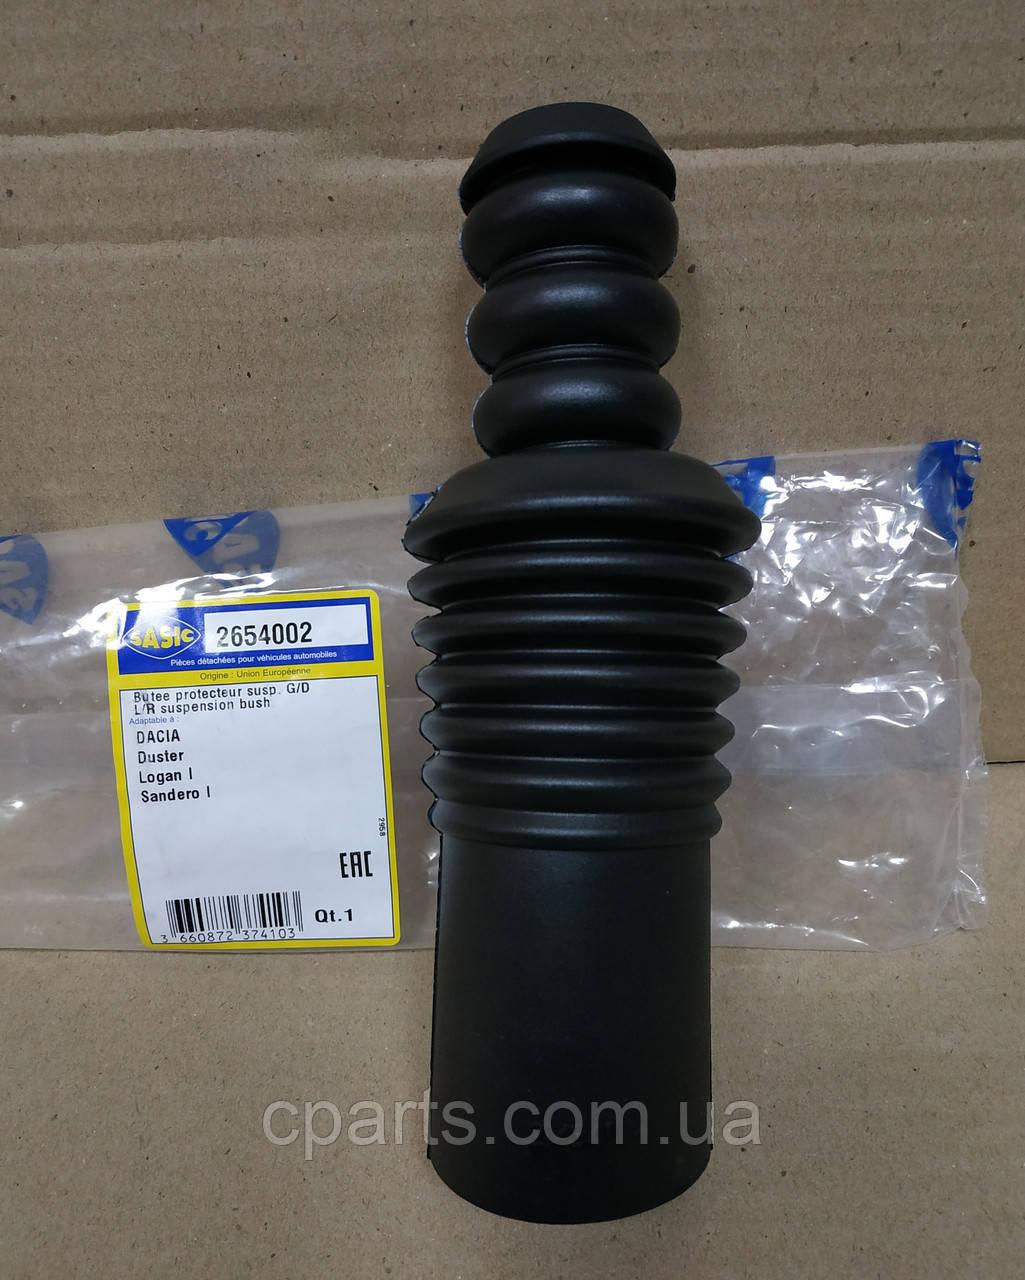 Пыльник амортизатора с отбойником Renault Sandero (Sasic 2654002)(высокое качество)